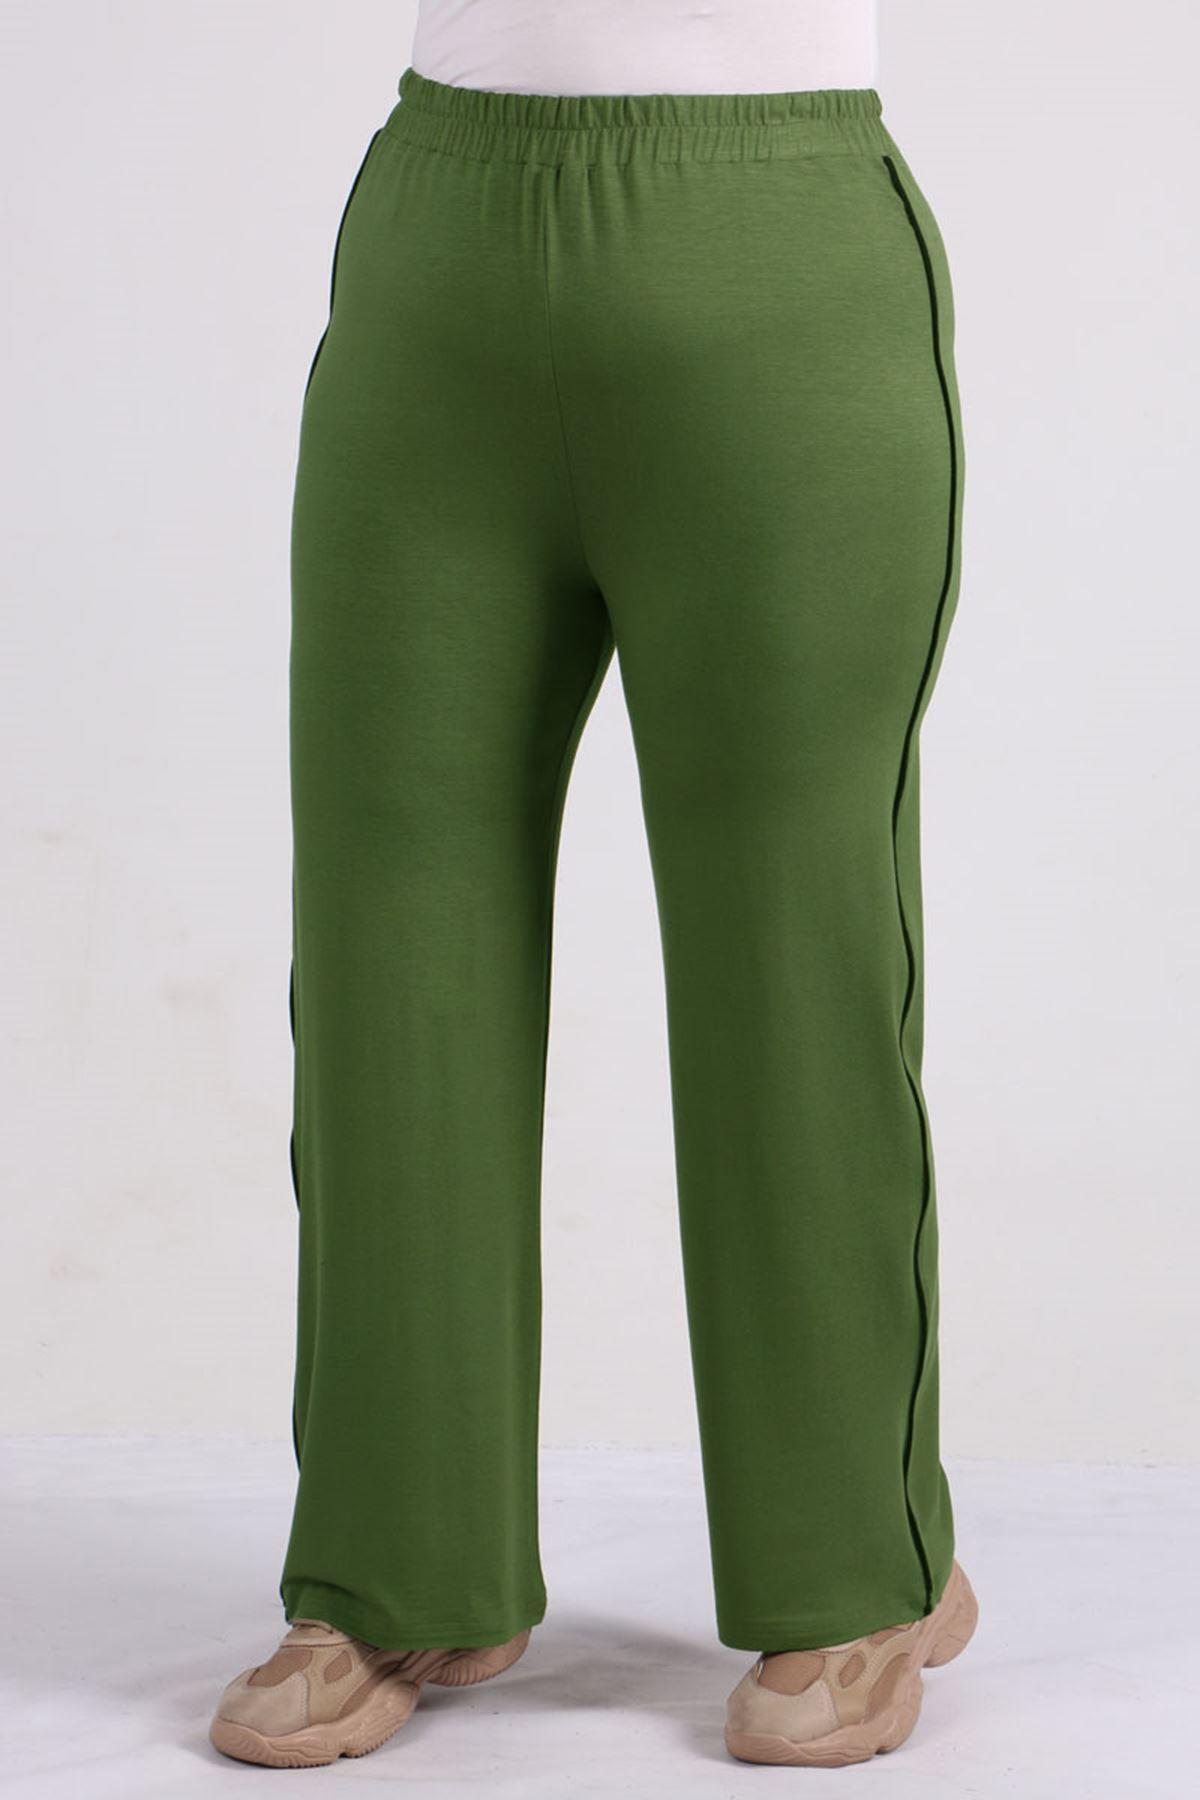 9534 بنطلون رياضي مقاس كبير - أخضر